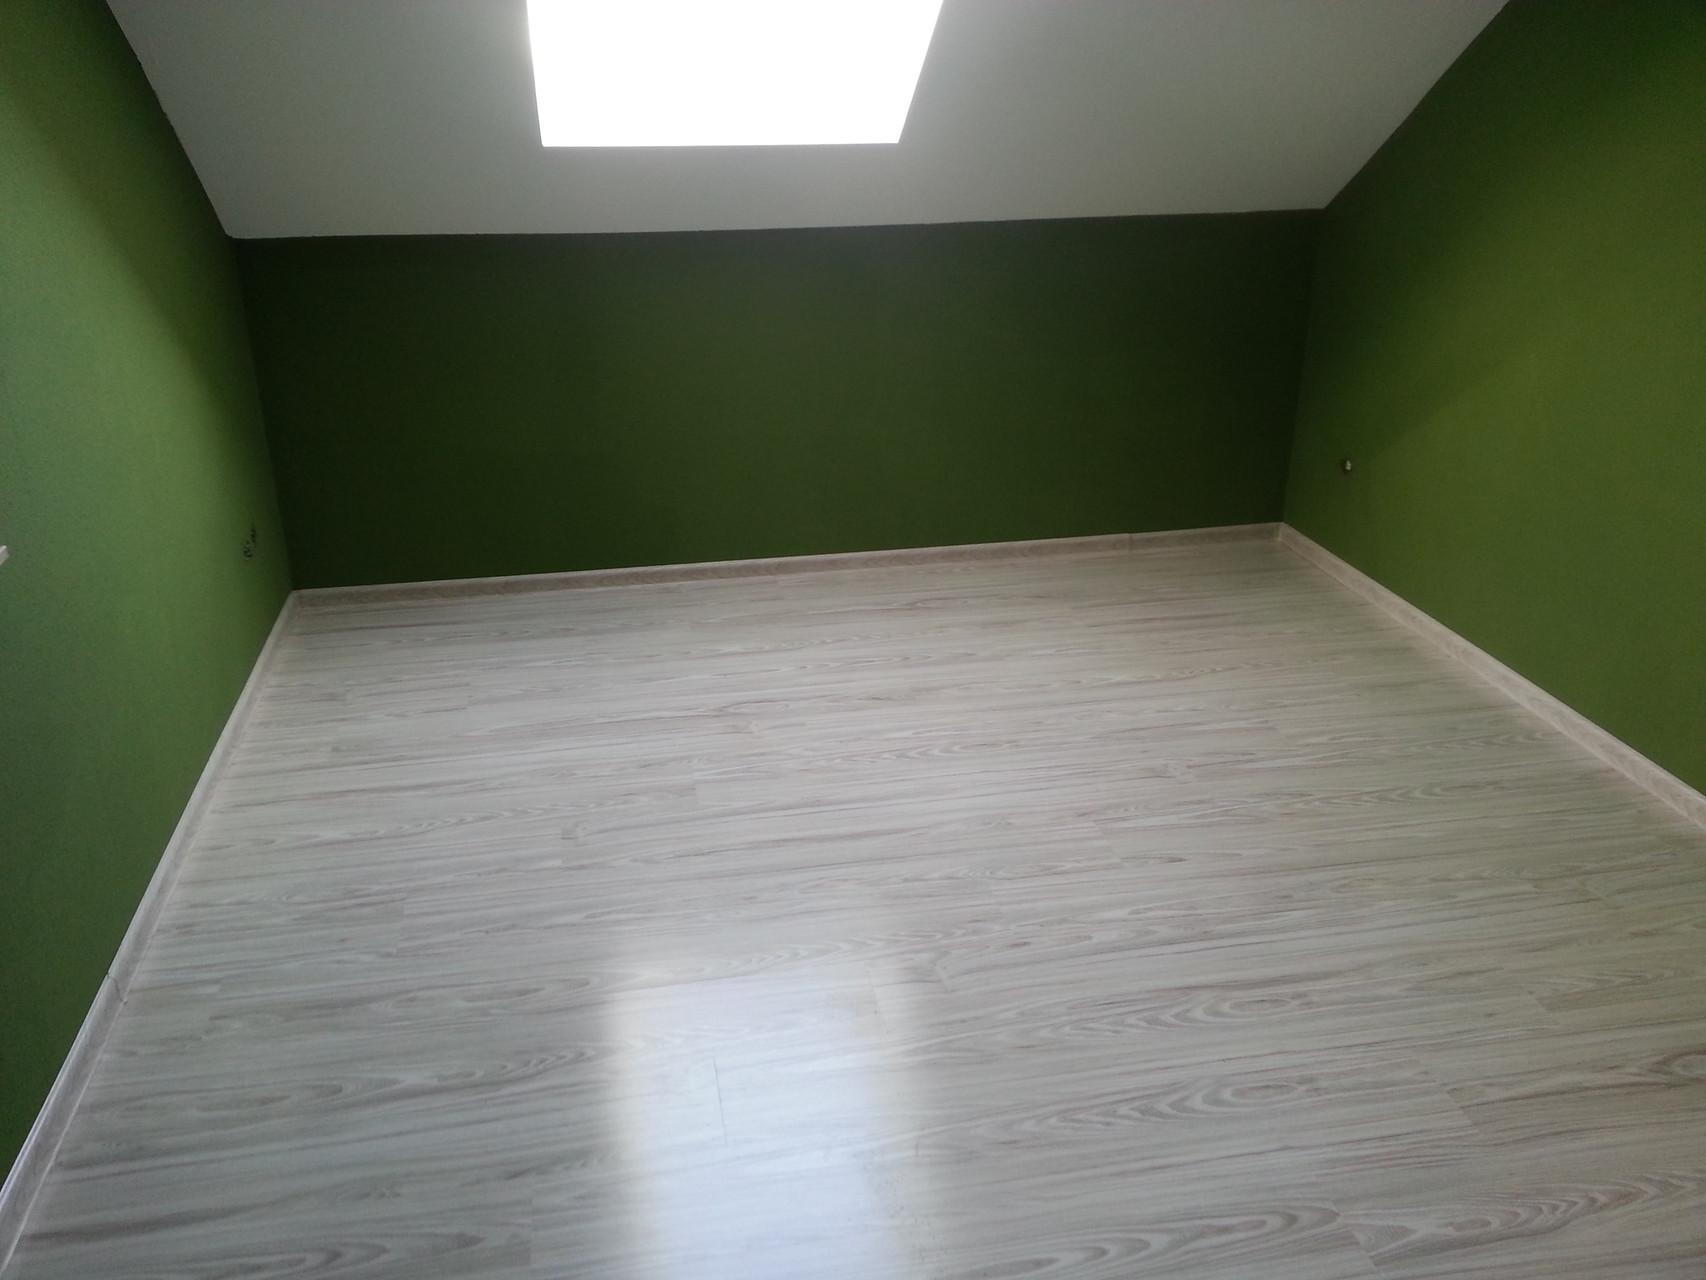 laminat g nstig kaufen angebote dielen parkett. Black Bedroom Furniture Sets. Home Design Ideas